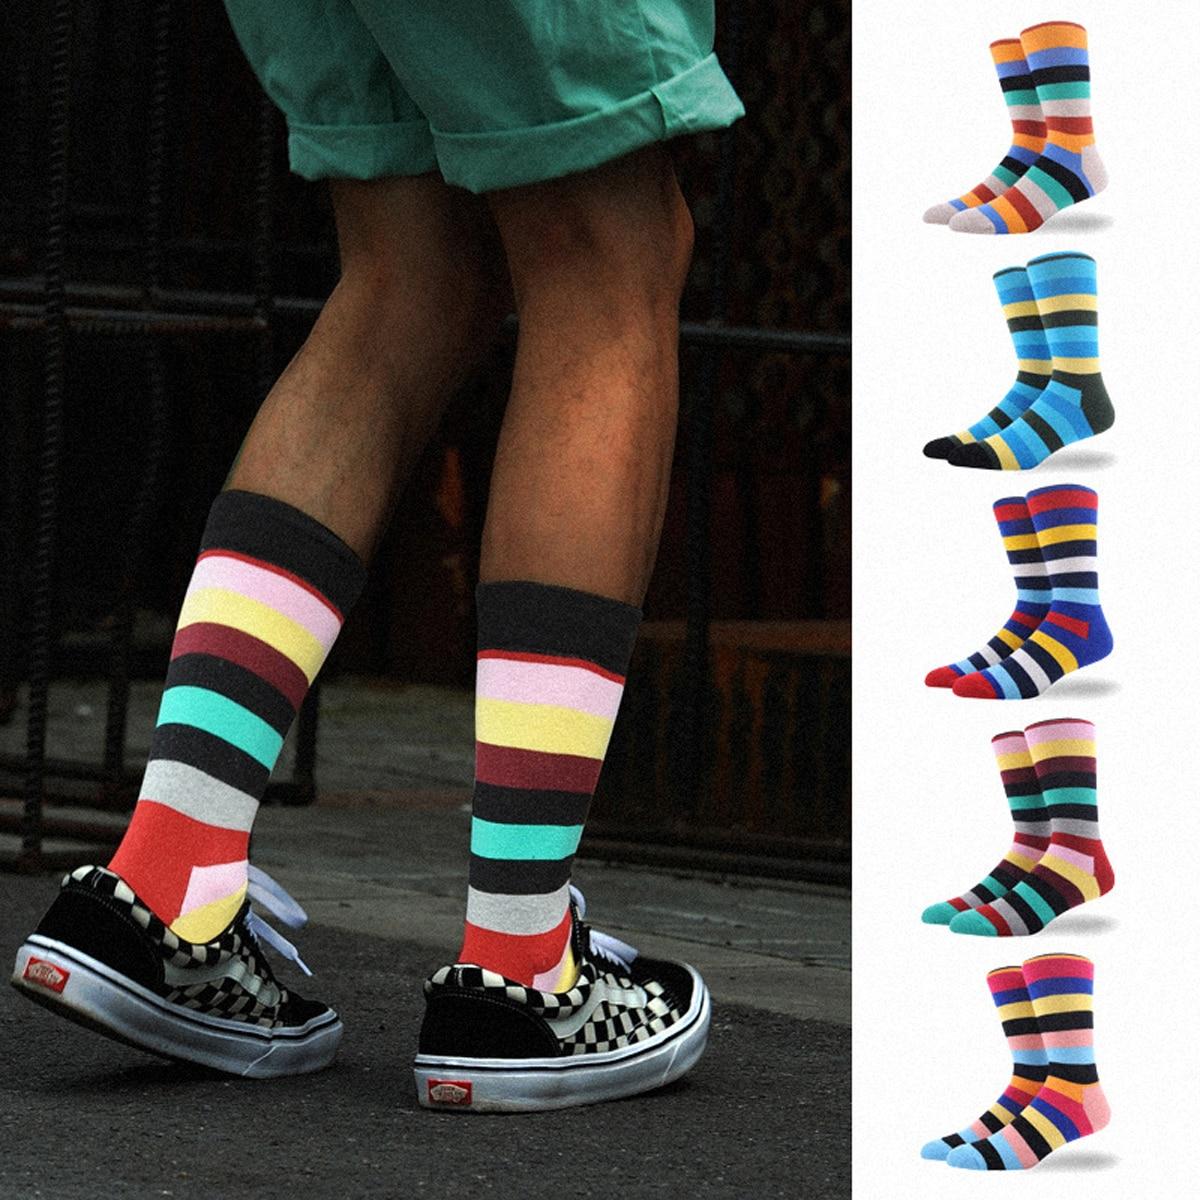 Wholesale 60Pairs Vintage Stripe Meias Creative Happy Socks Business Skateboard Calcetines Hombre Hip Hop Socks Mens Weed Socks hockey sock